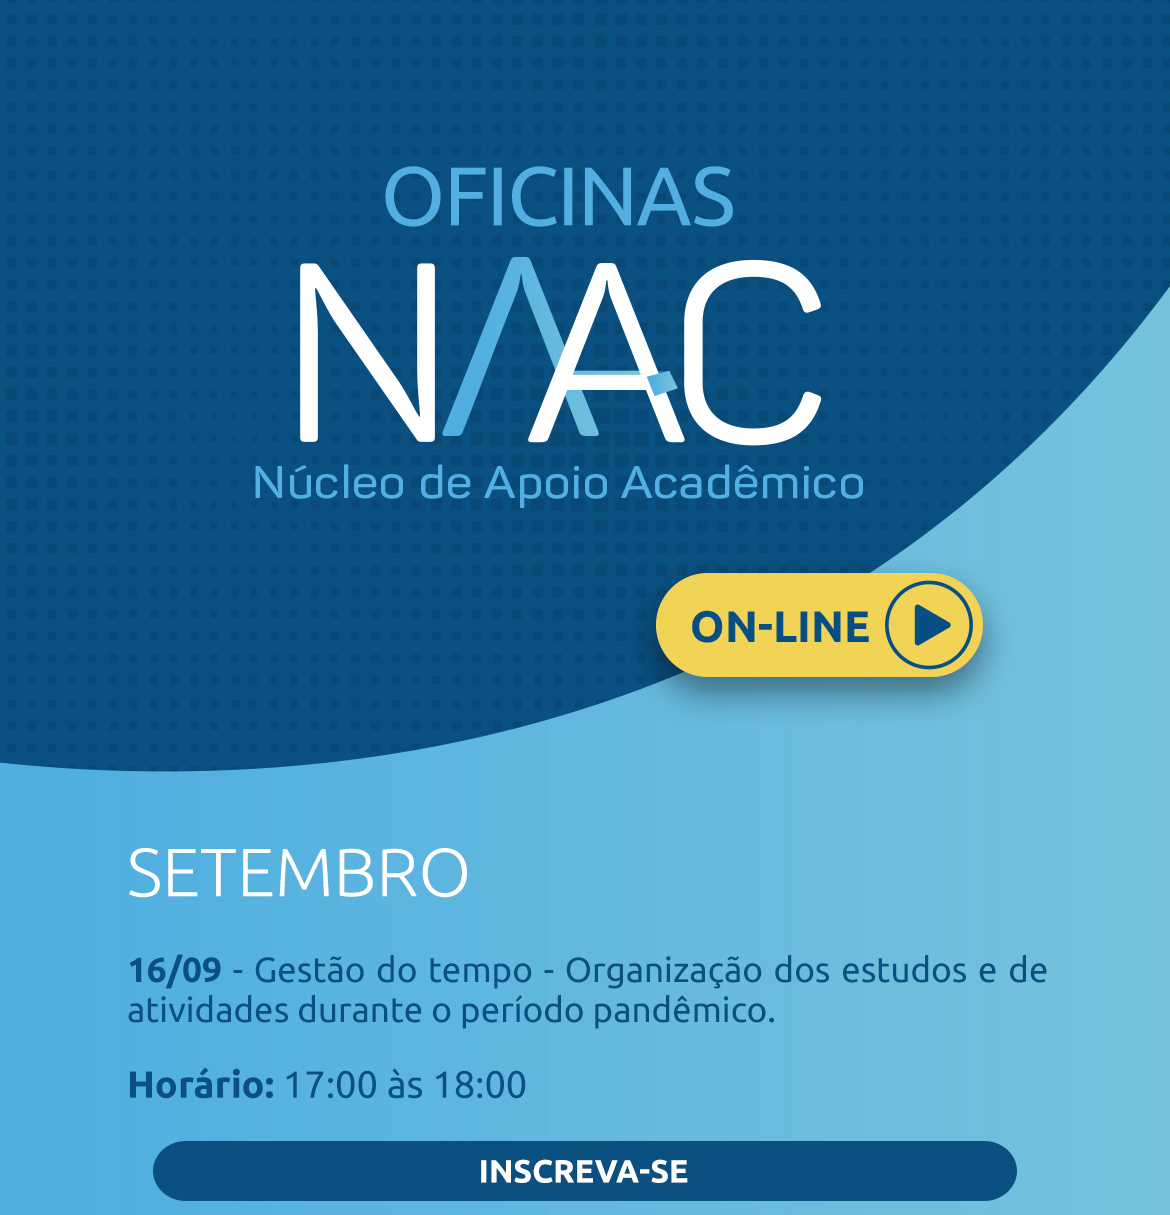 4751_topo_link_inscricao_hotsite_geral_oficinas_naac_2021